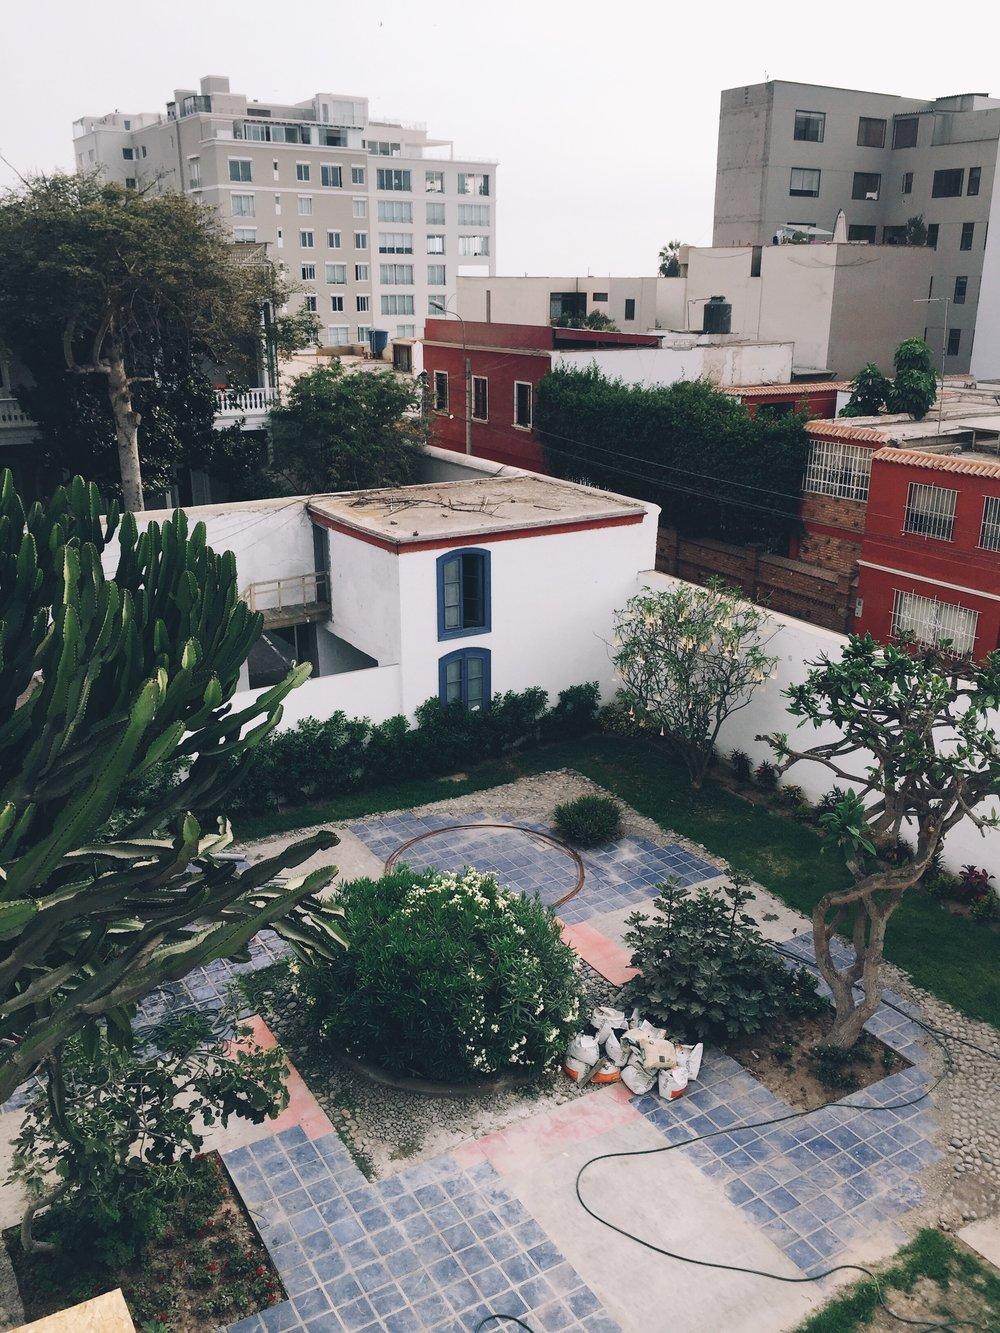 Stefanie's courtyard.